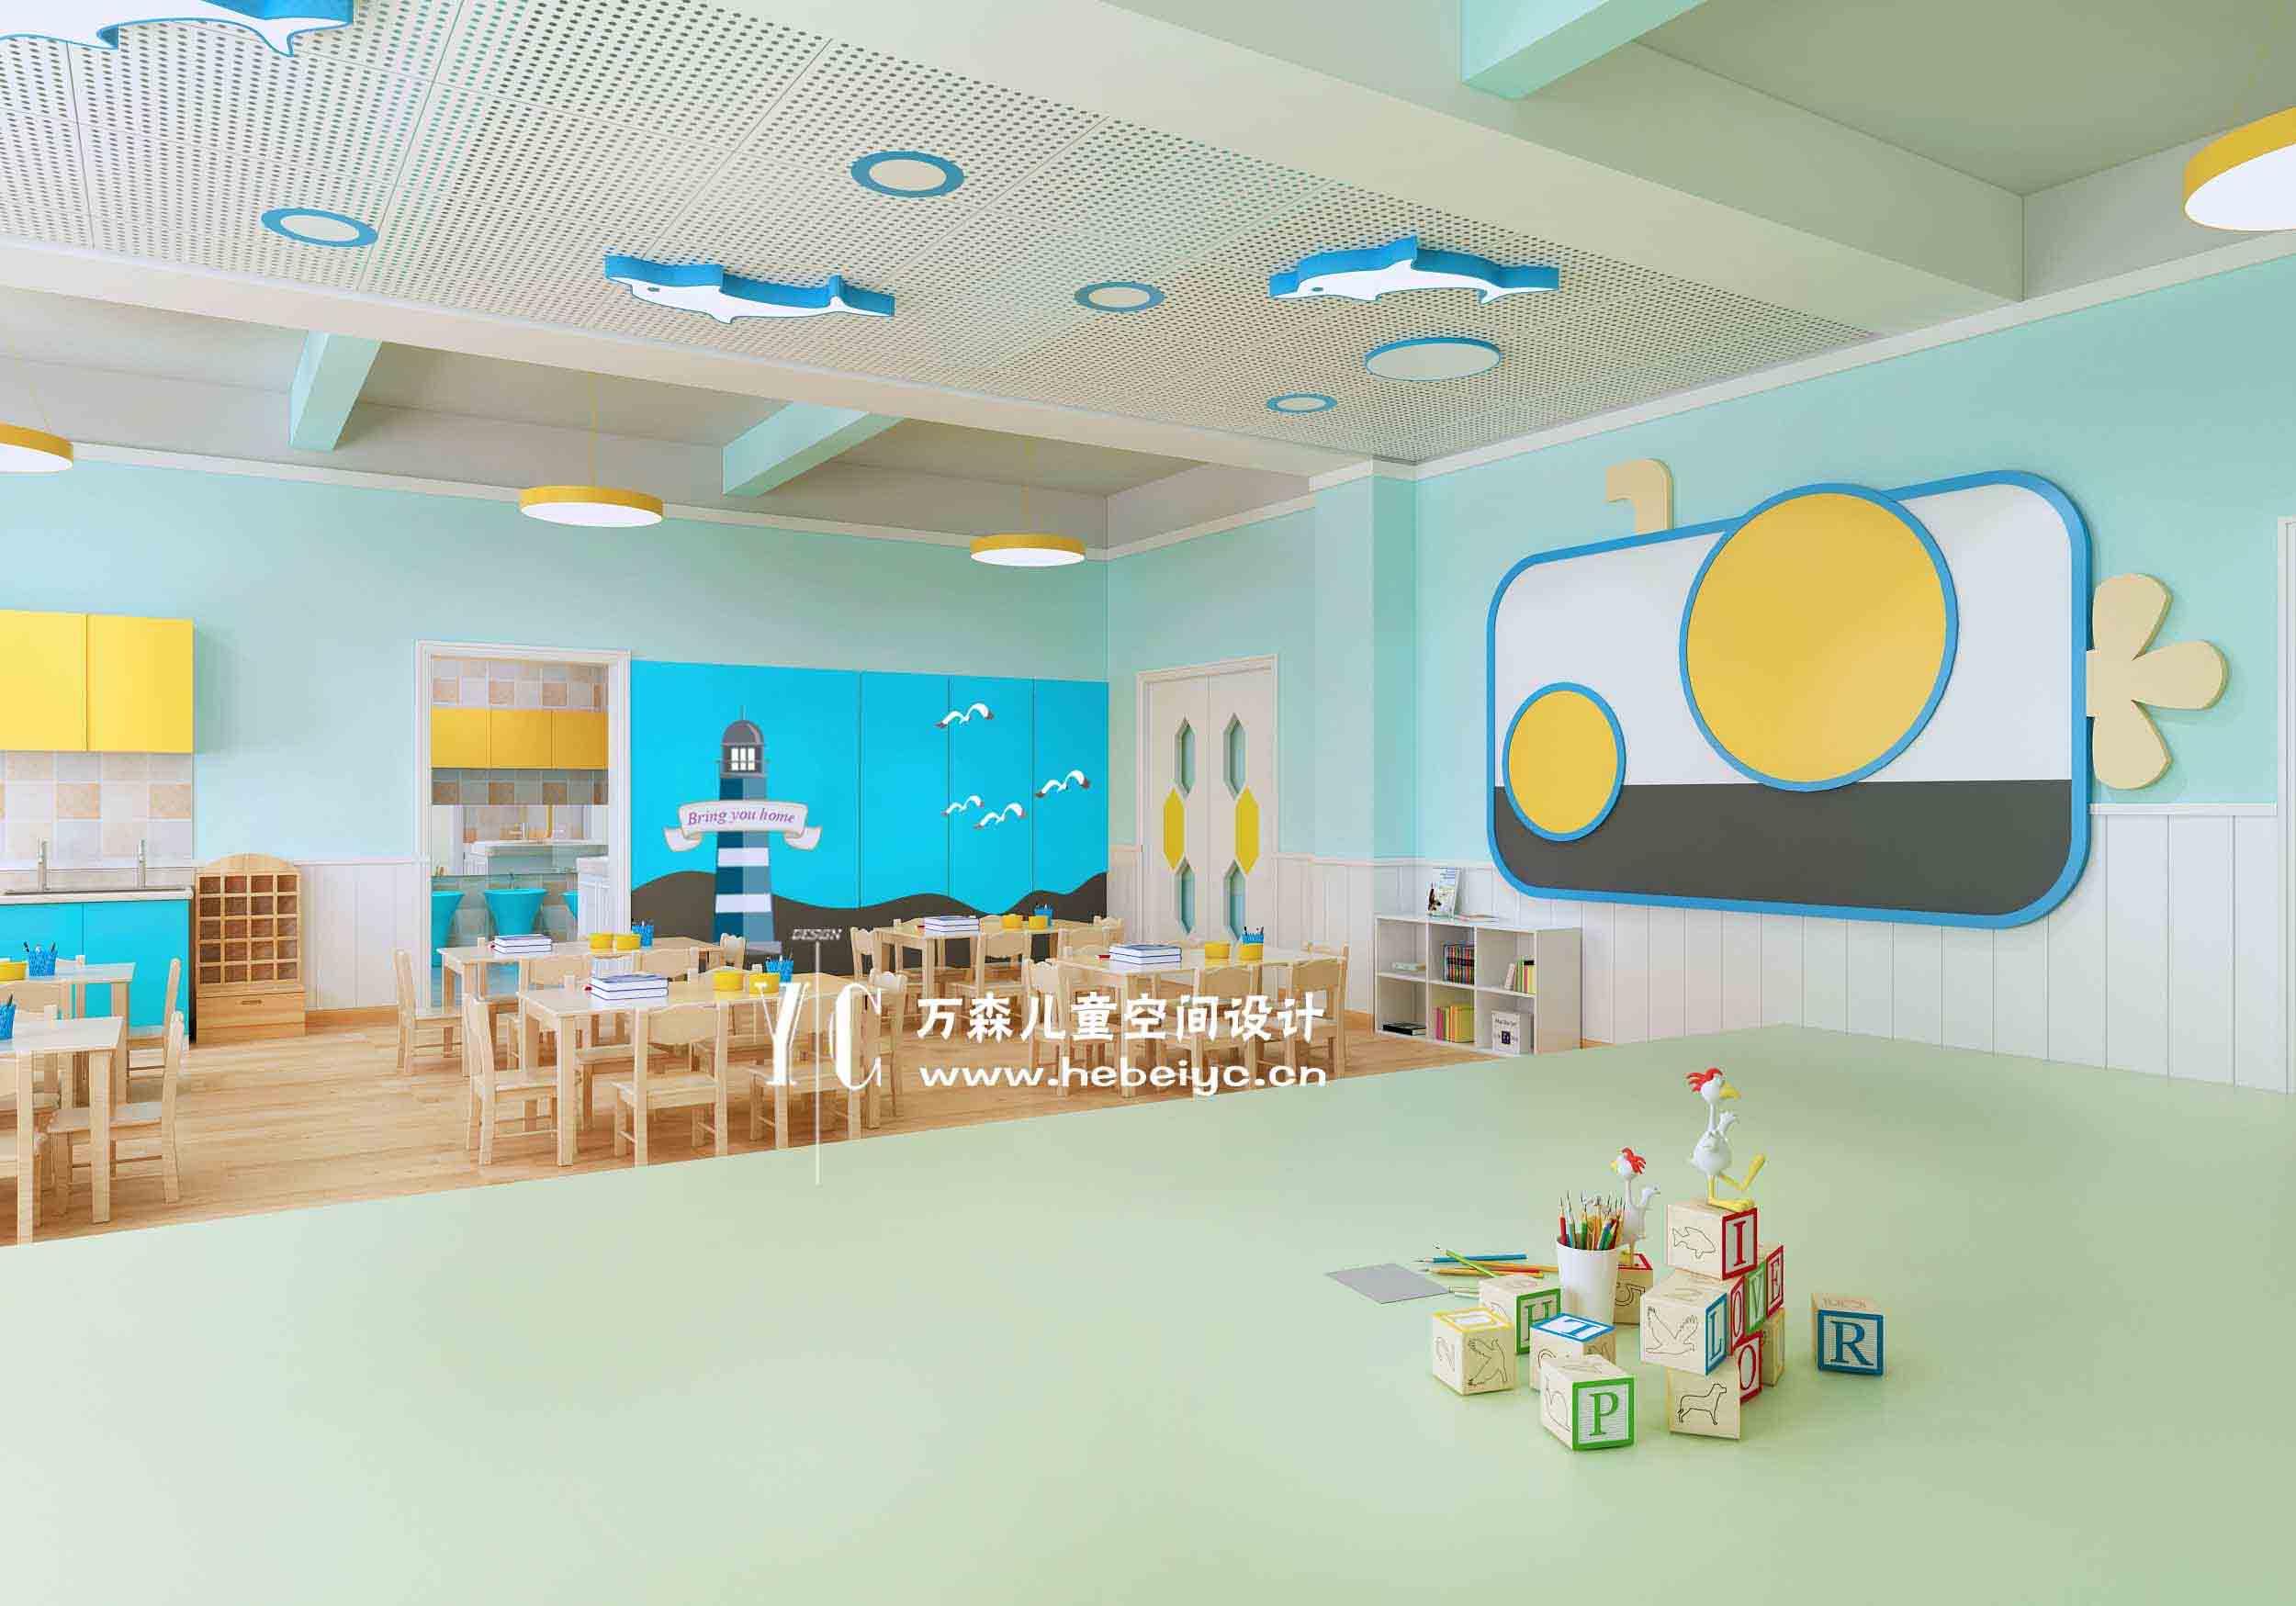 山西|幼儿园活动室设计|幼儿园教室|幼儿园装修规划